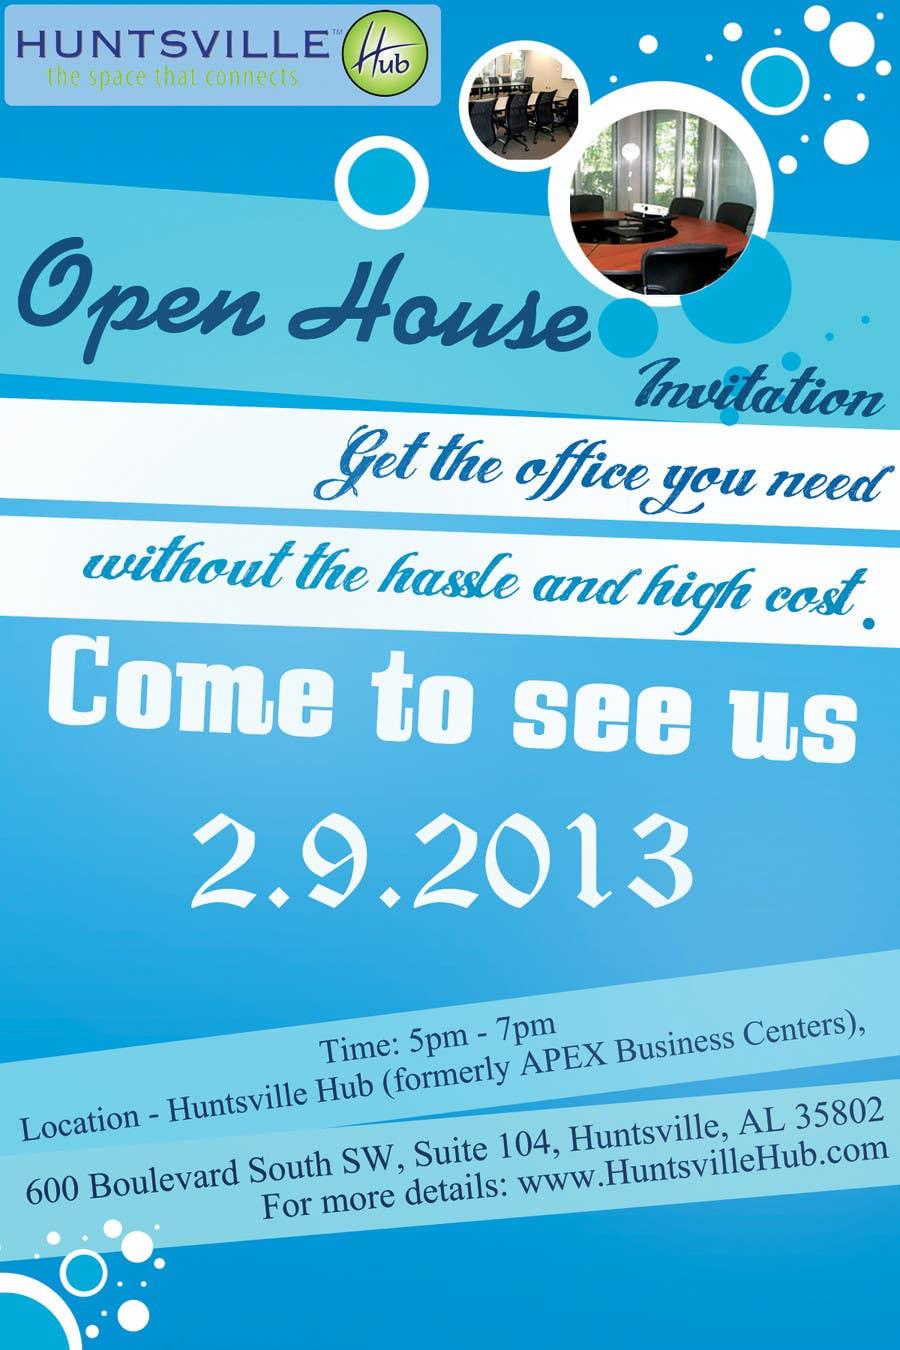 Penyertaan Peraduan #                                        10                                      untuk                                         Graphic Design for APEX Business Centers - Create an Invitation